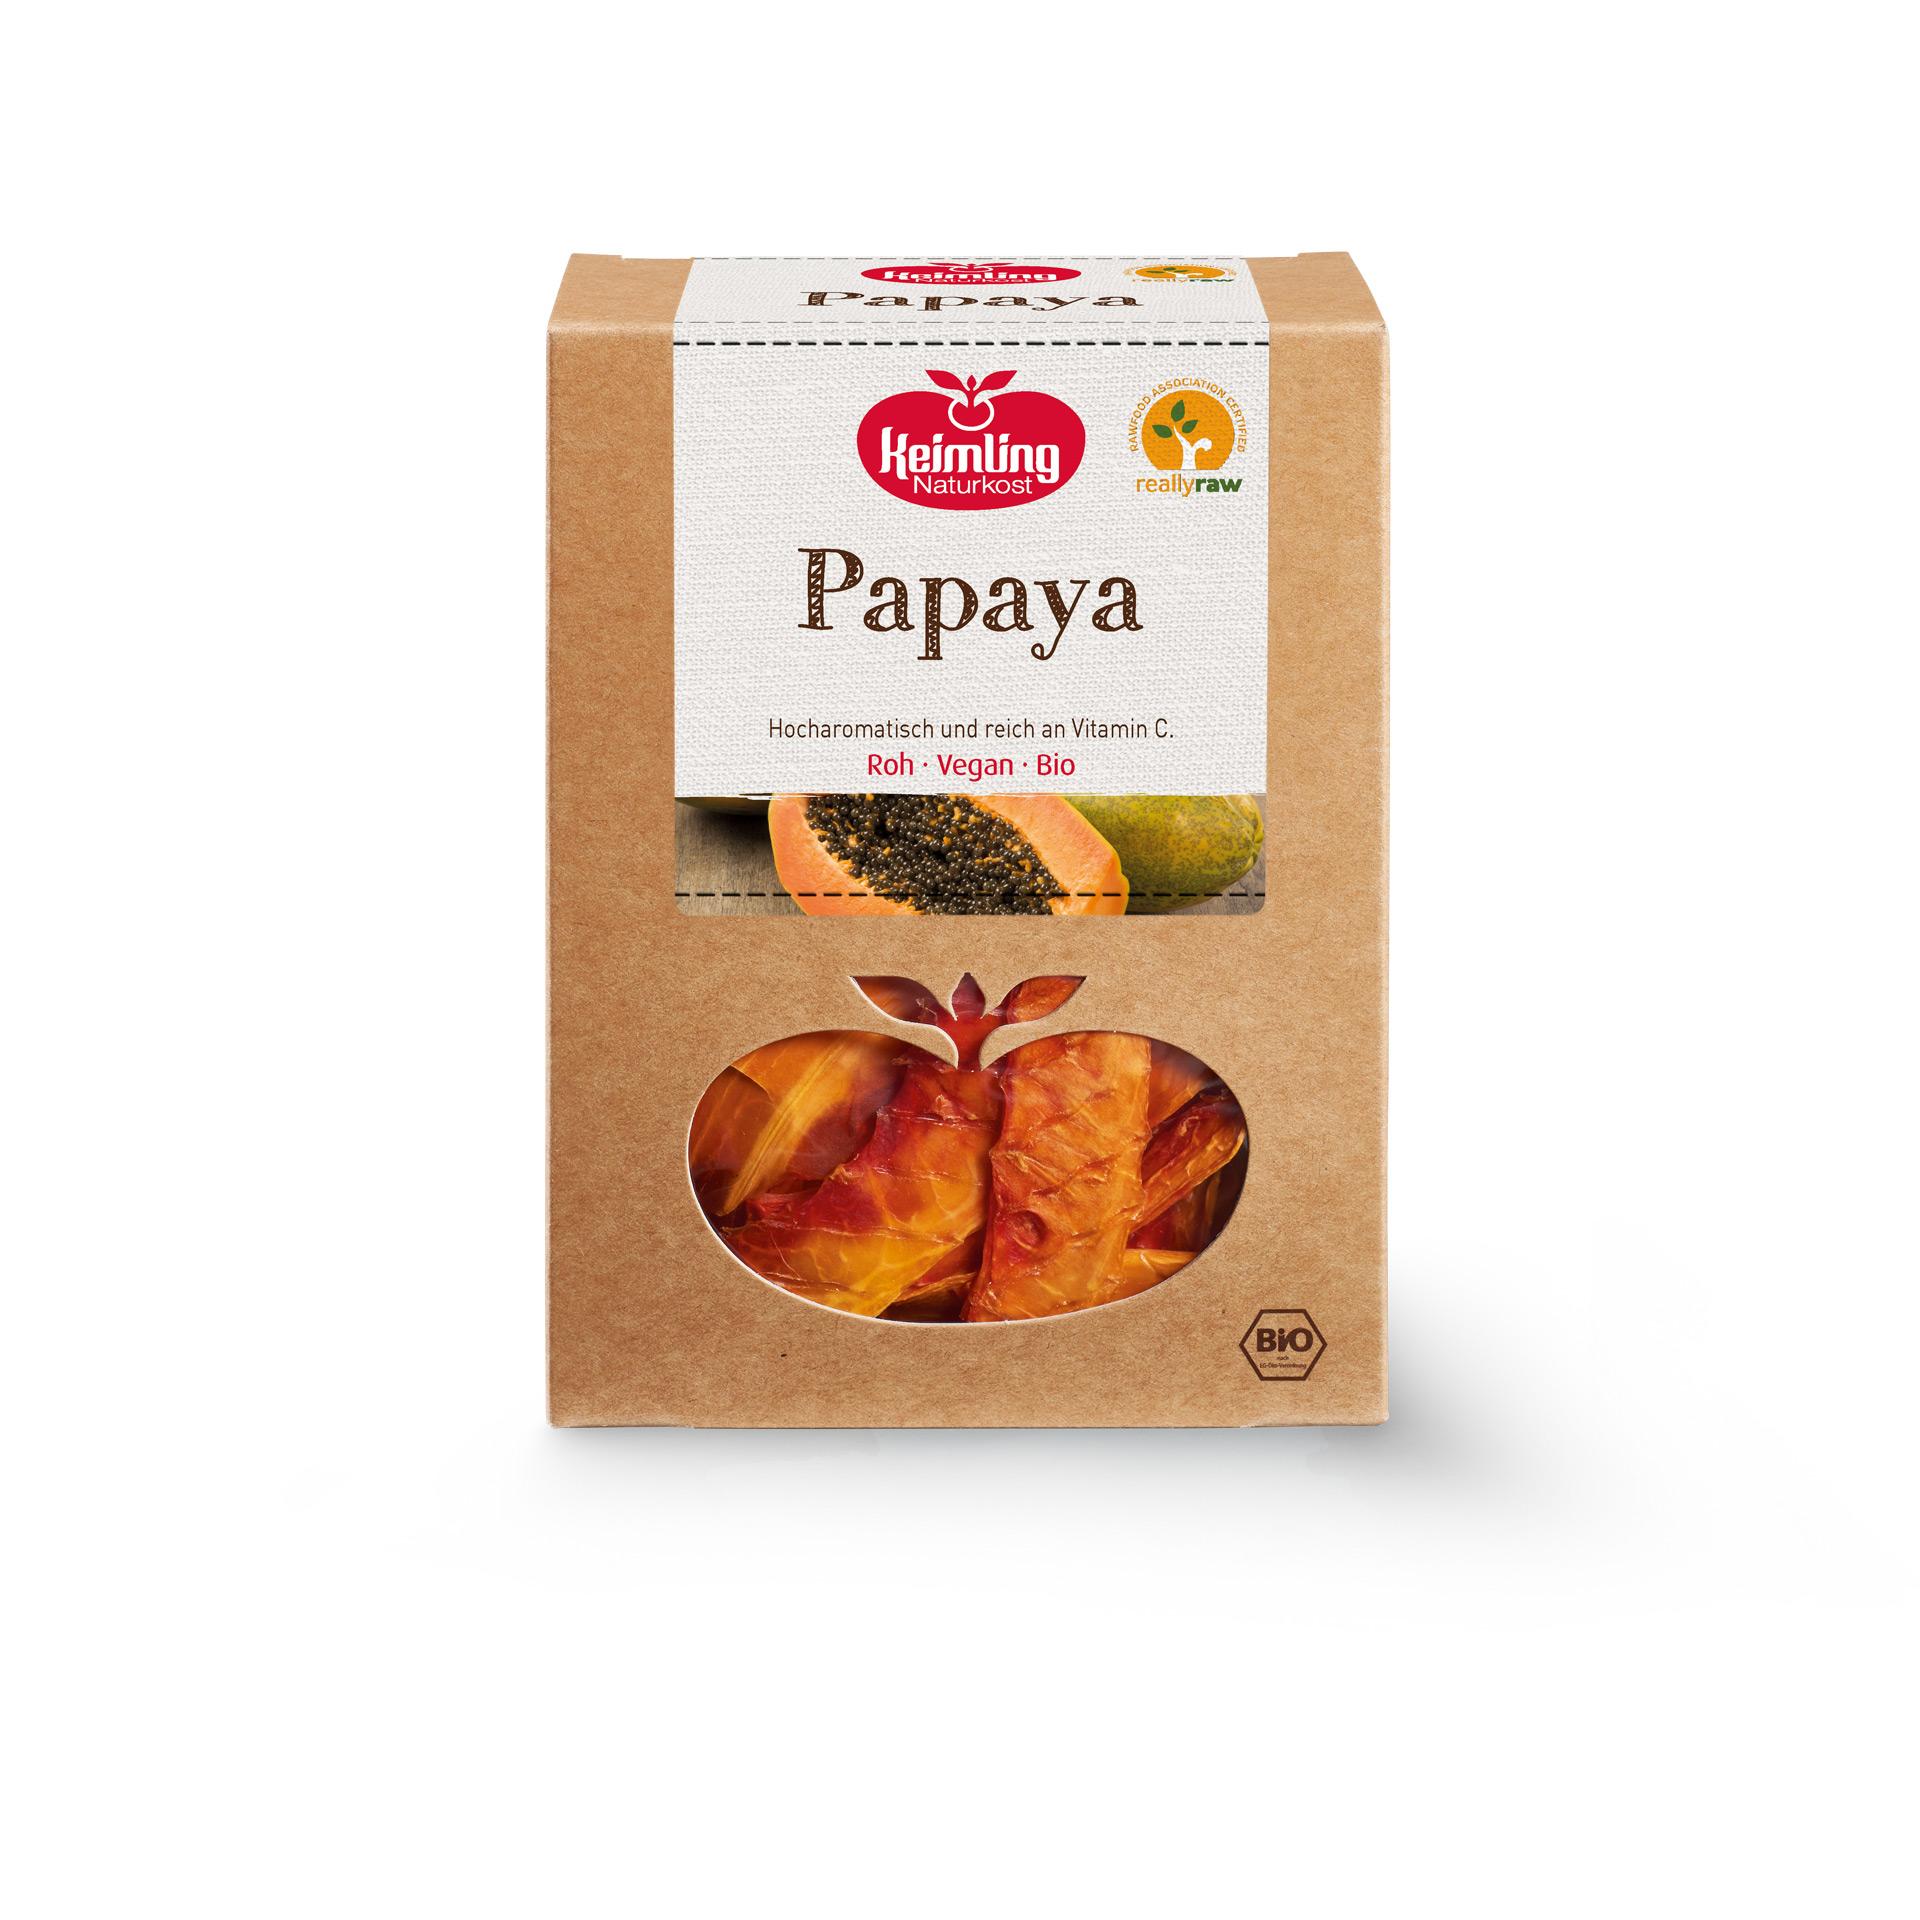 Rohkost Papaya von Keimling Naturkost really raw zertifiziert